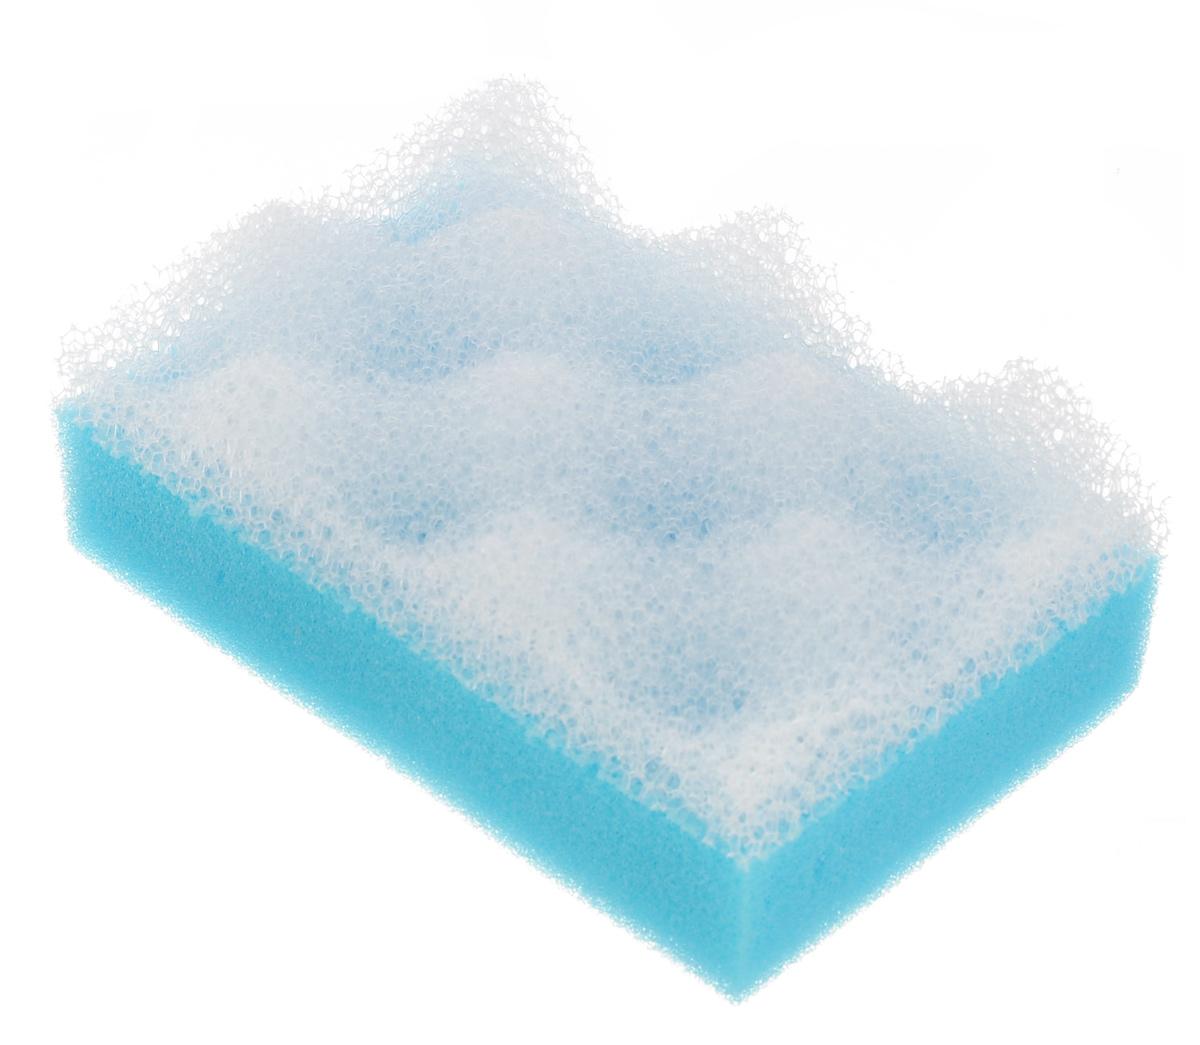 Губка для тела Eva, с массажным слоем, цвет: голубойМГ001_голубойПоролоновая двухслойная губка для тела Eva изготовлена из пенополиуретана и оснащена массажным слоем. Губку можно использовать в ванной, в бане или сауне. Она улучшает циркуляцию крови и обмен веществ, делает кожу здоровой и красивой. Подходит для ежедневного применения.